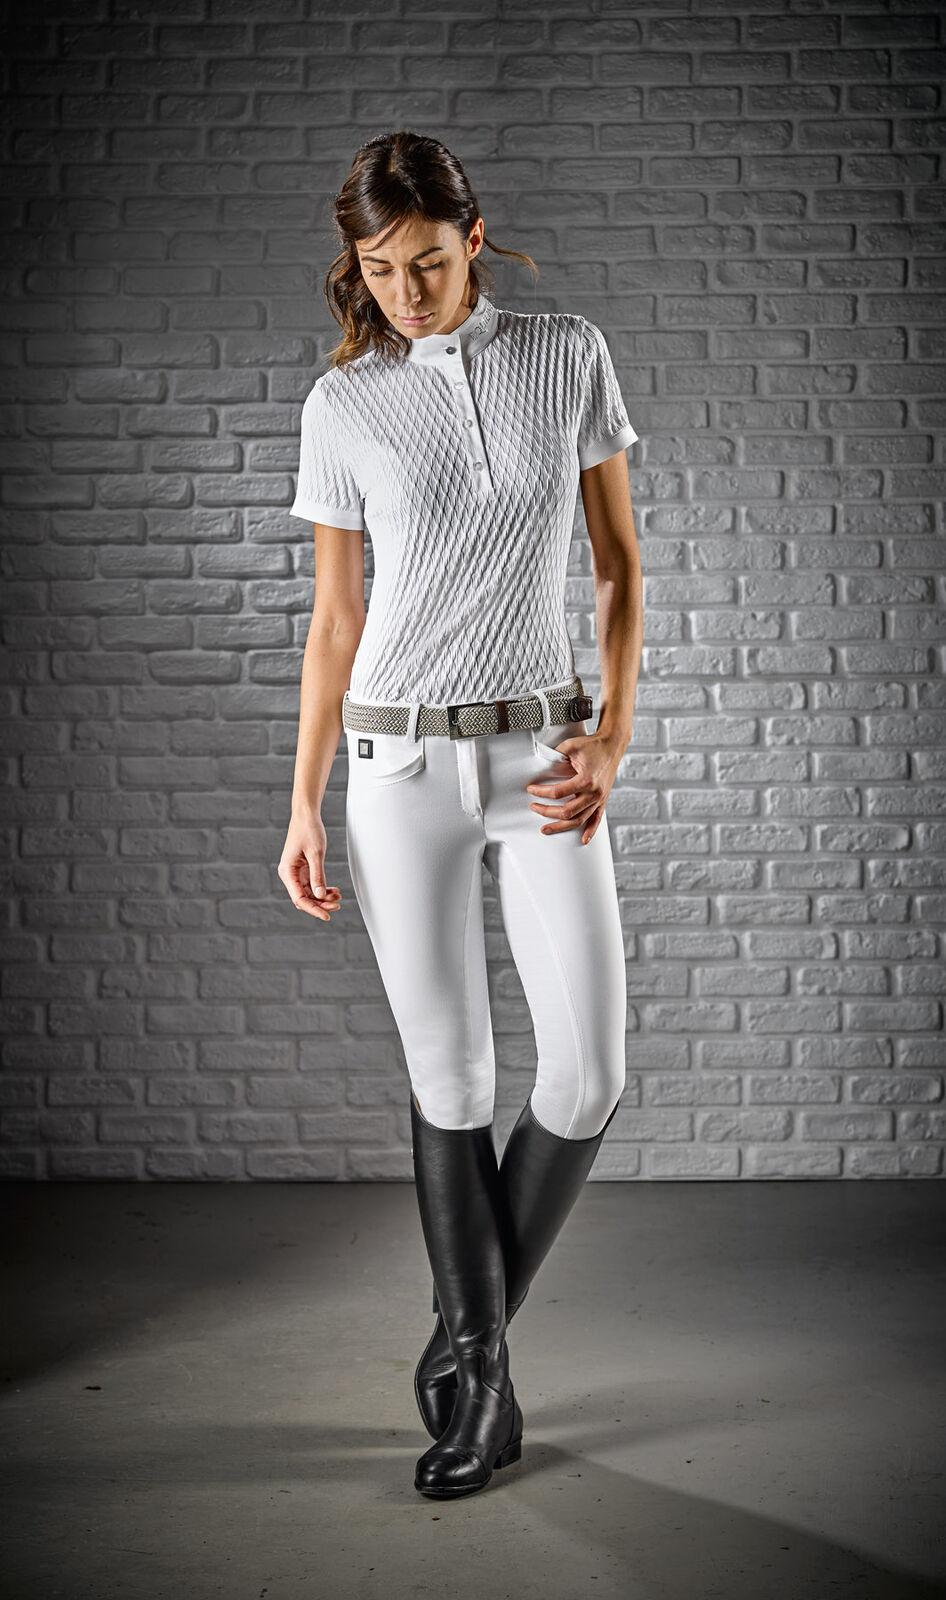 Equiline Damen Poloshirt Alissa weiss kurzarm mit mit mit Rautenmuster be5685